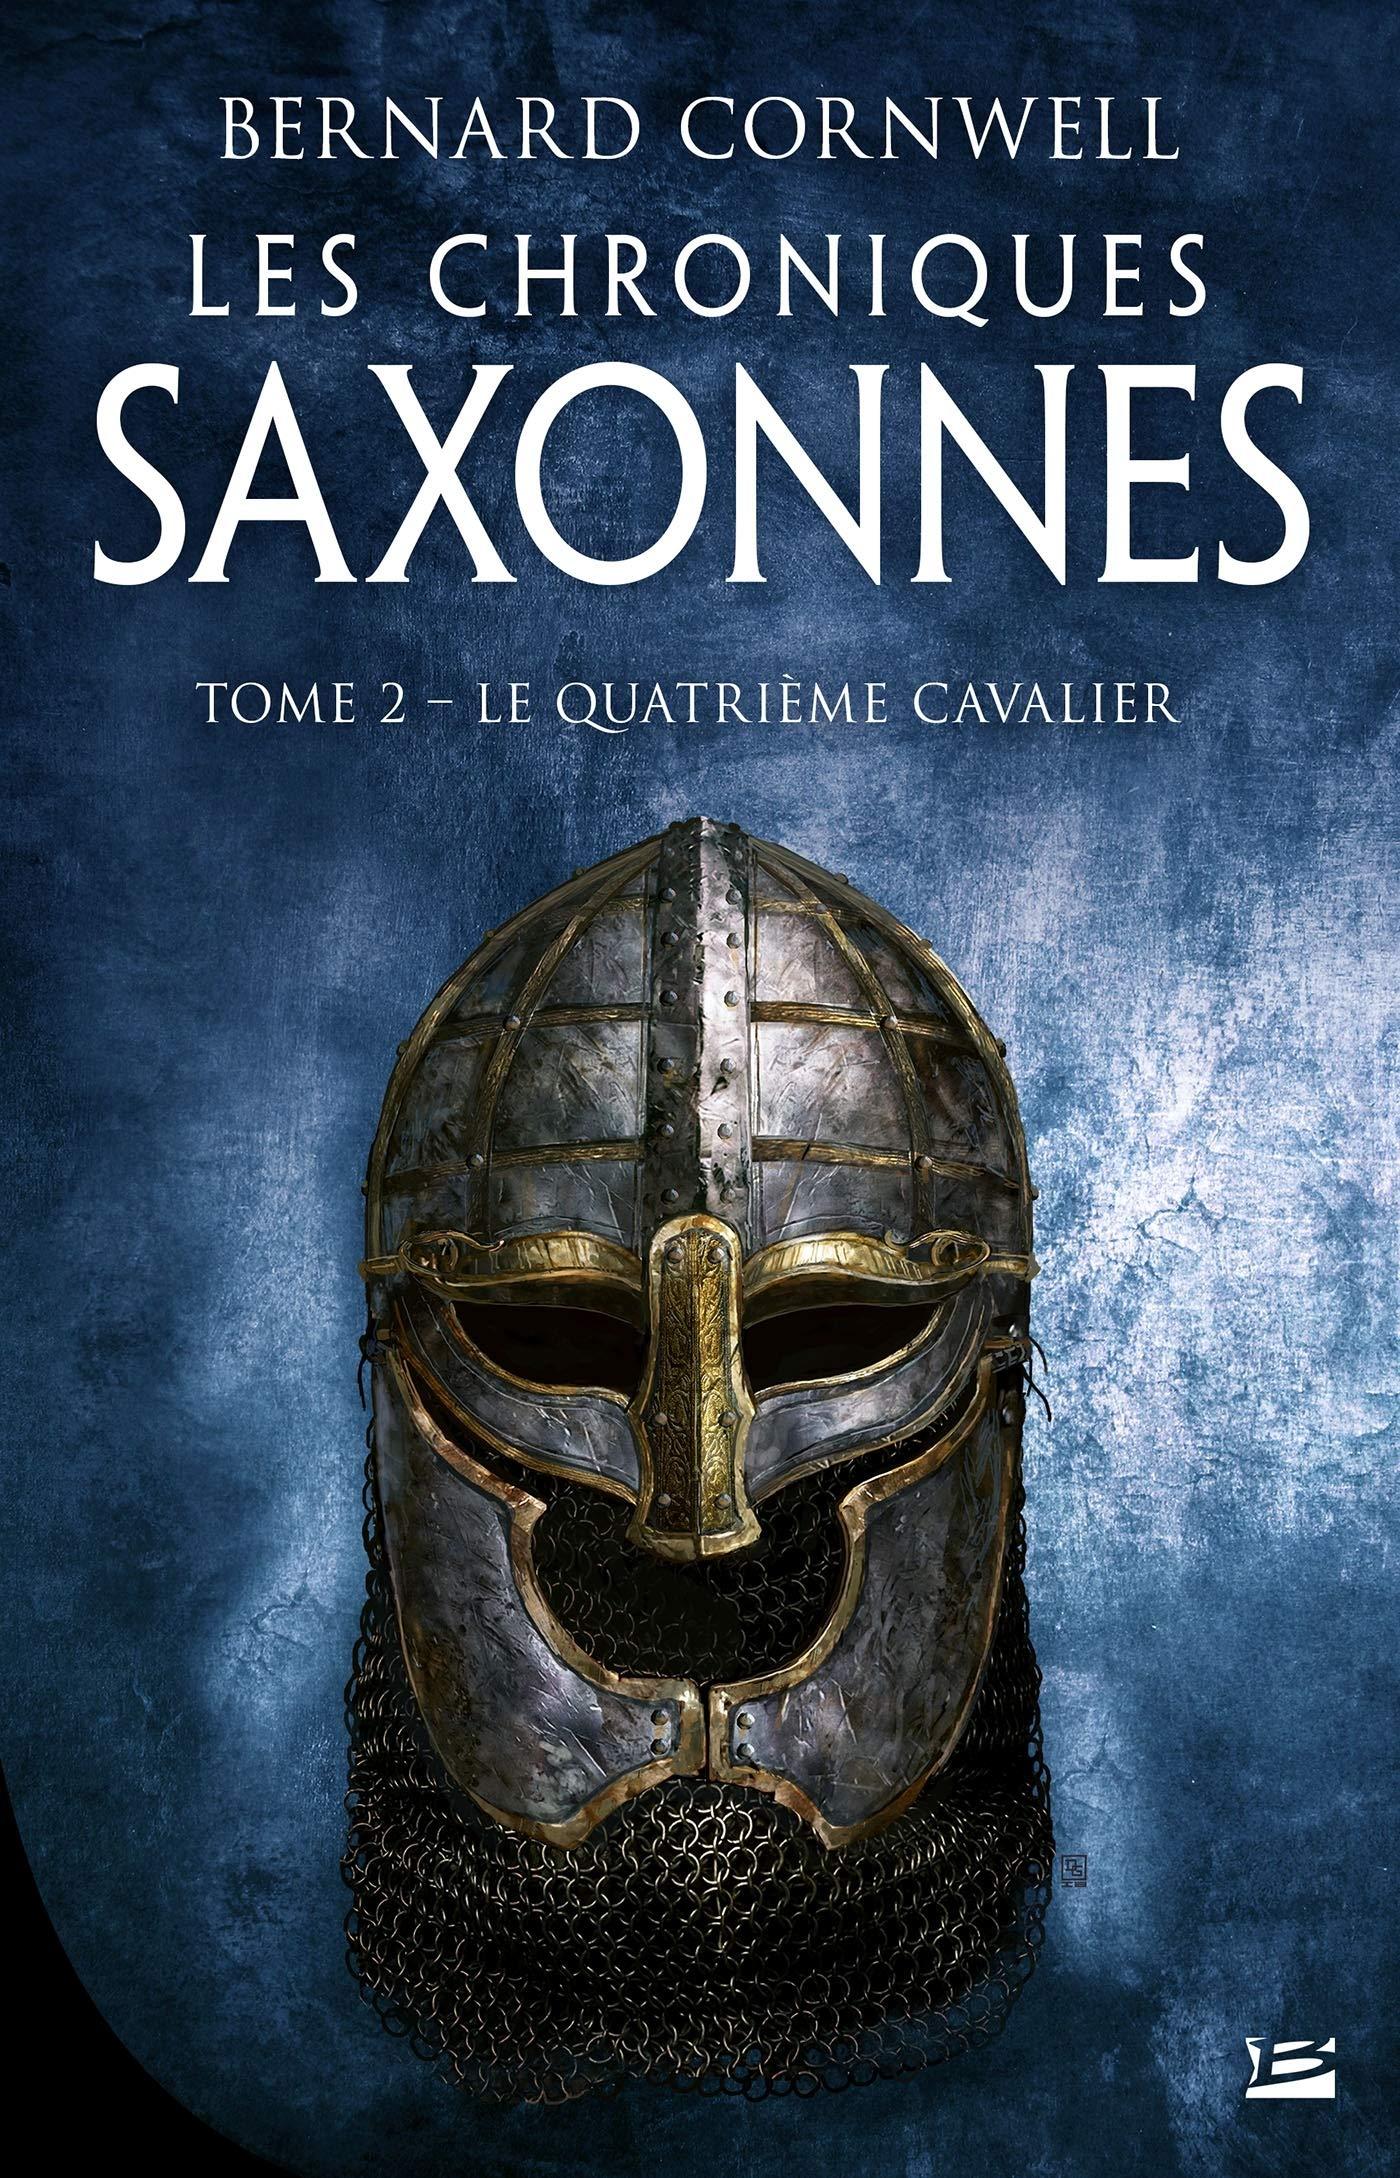 Les Chroniques saxonnes – Tome 2 – Le Quatrième Cavalier / The Last Kingdom